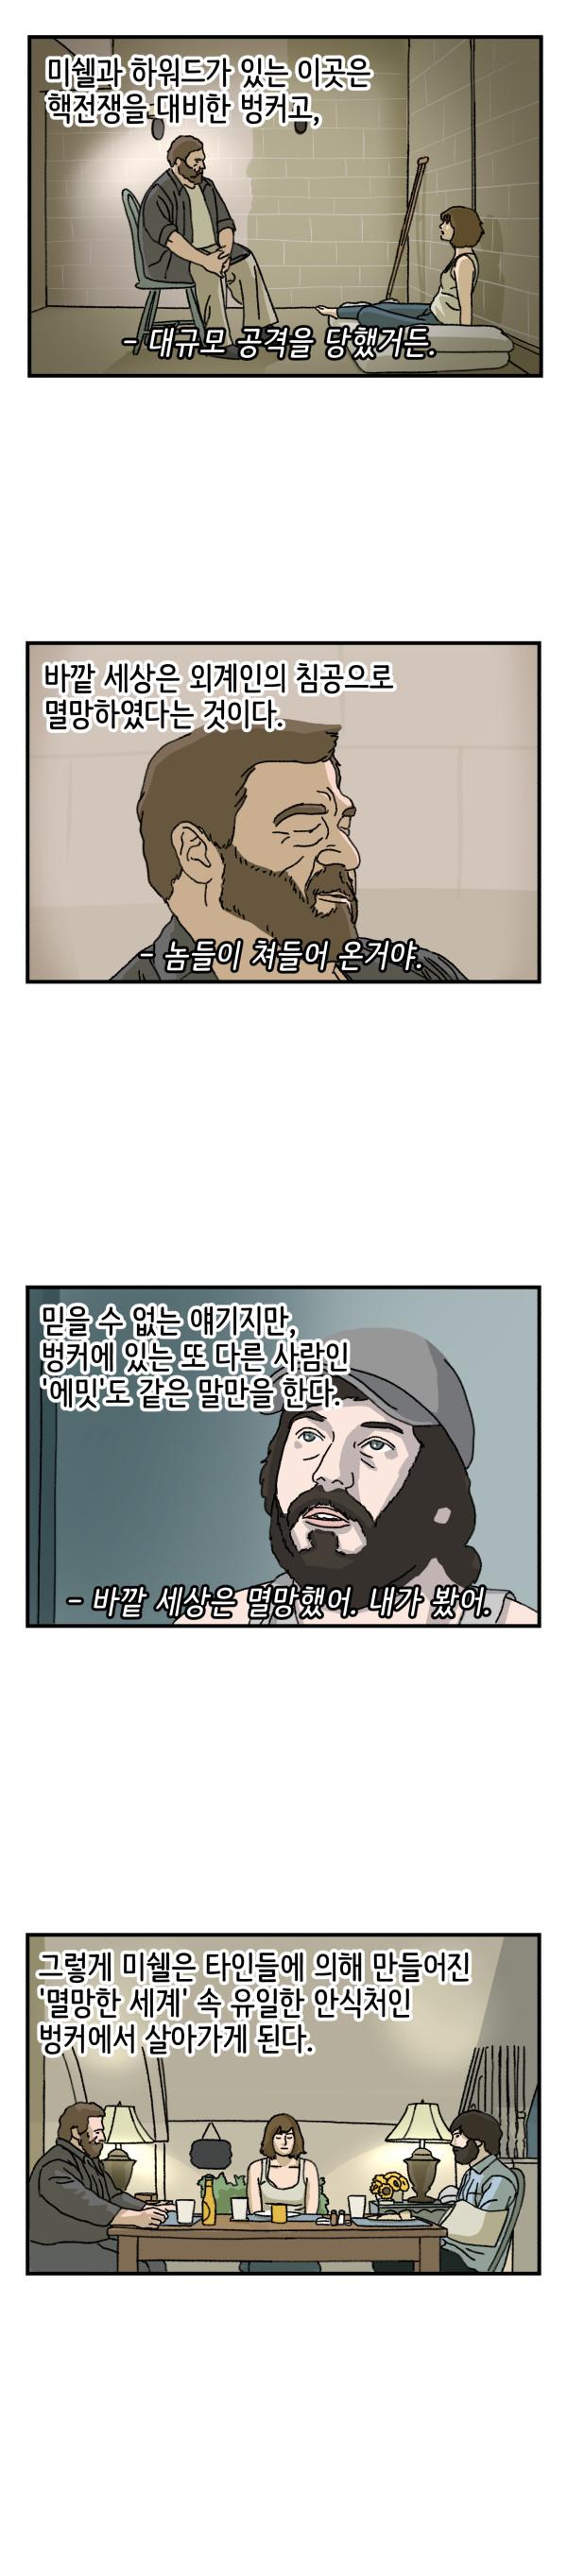 21_004.jpg